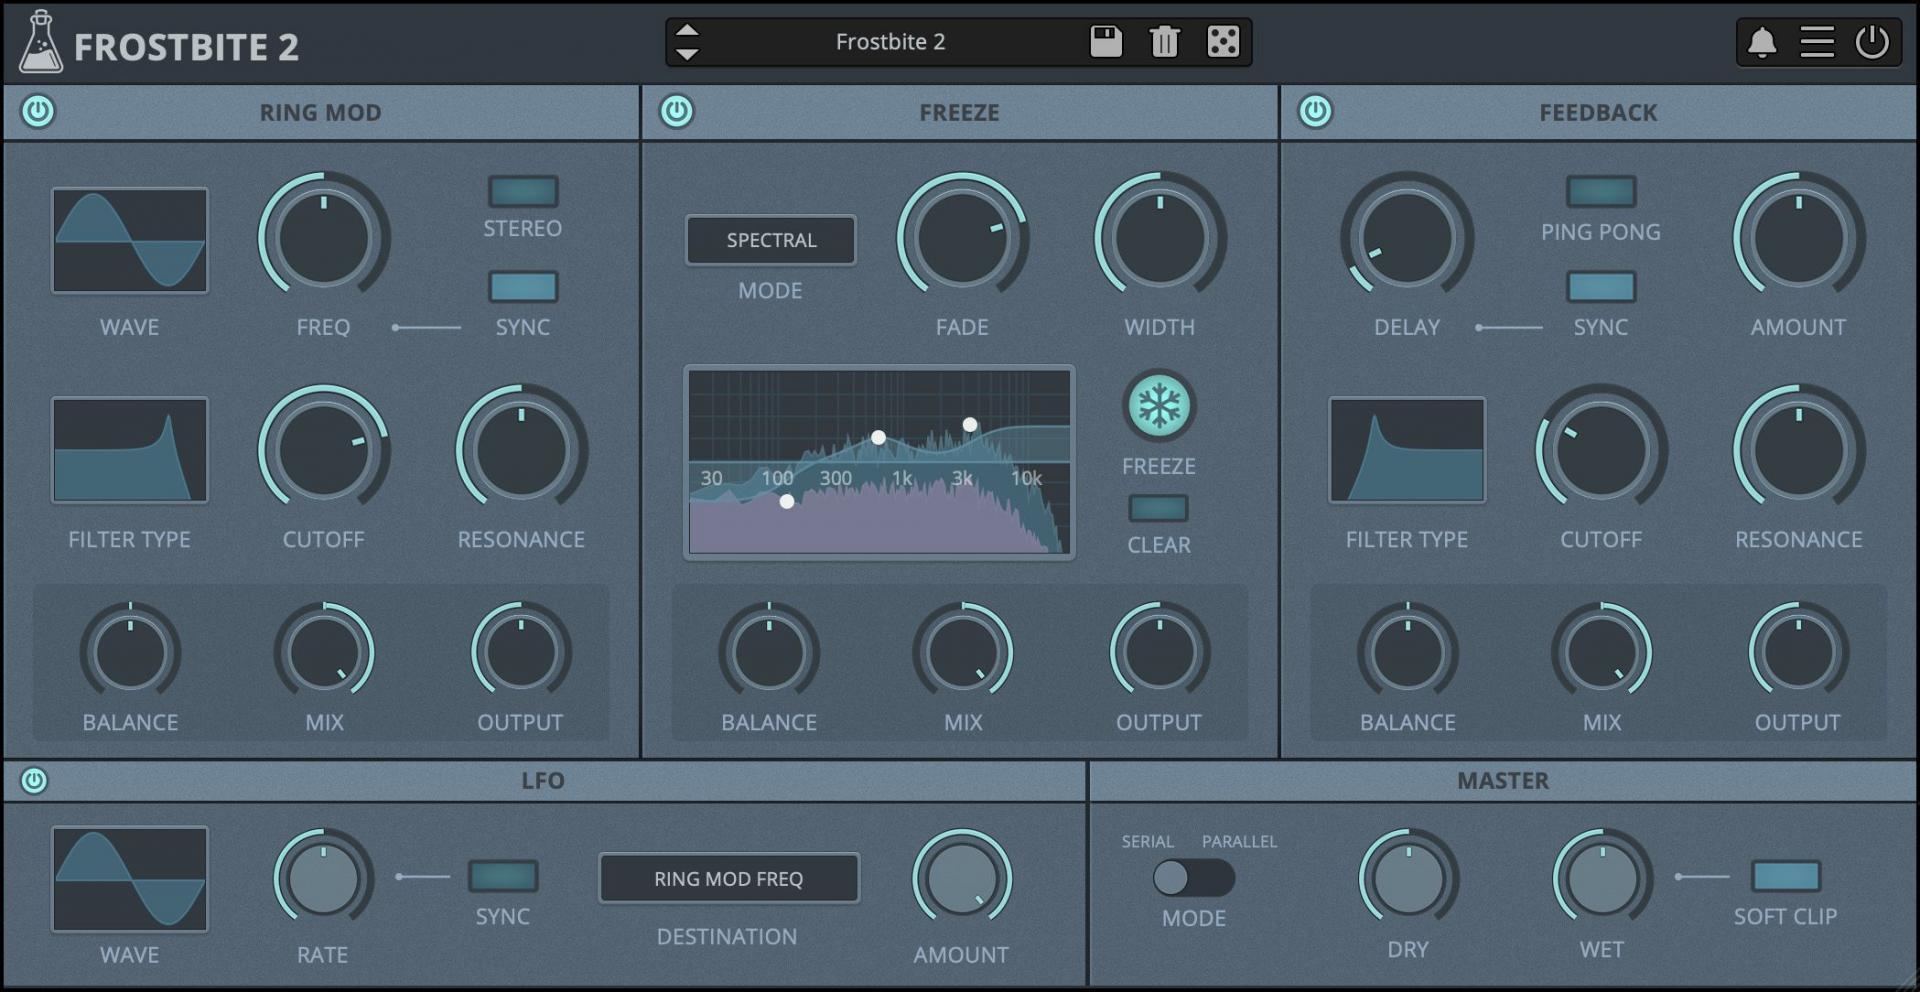 Frostbite-2-GUI-2x.jpg